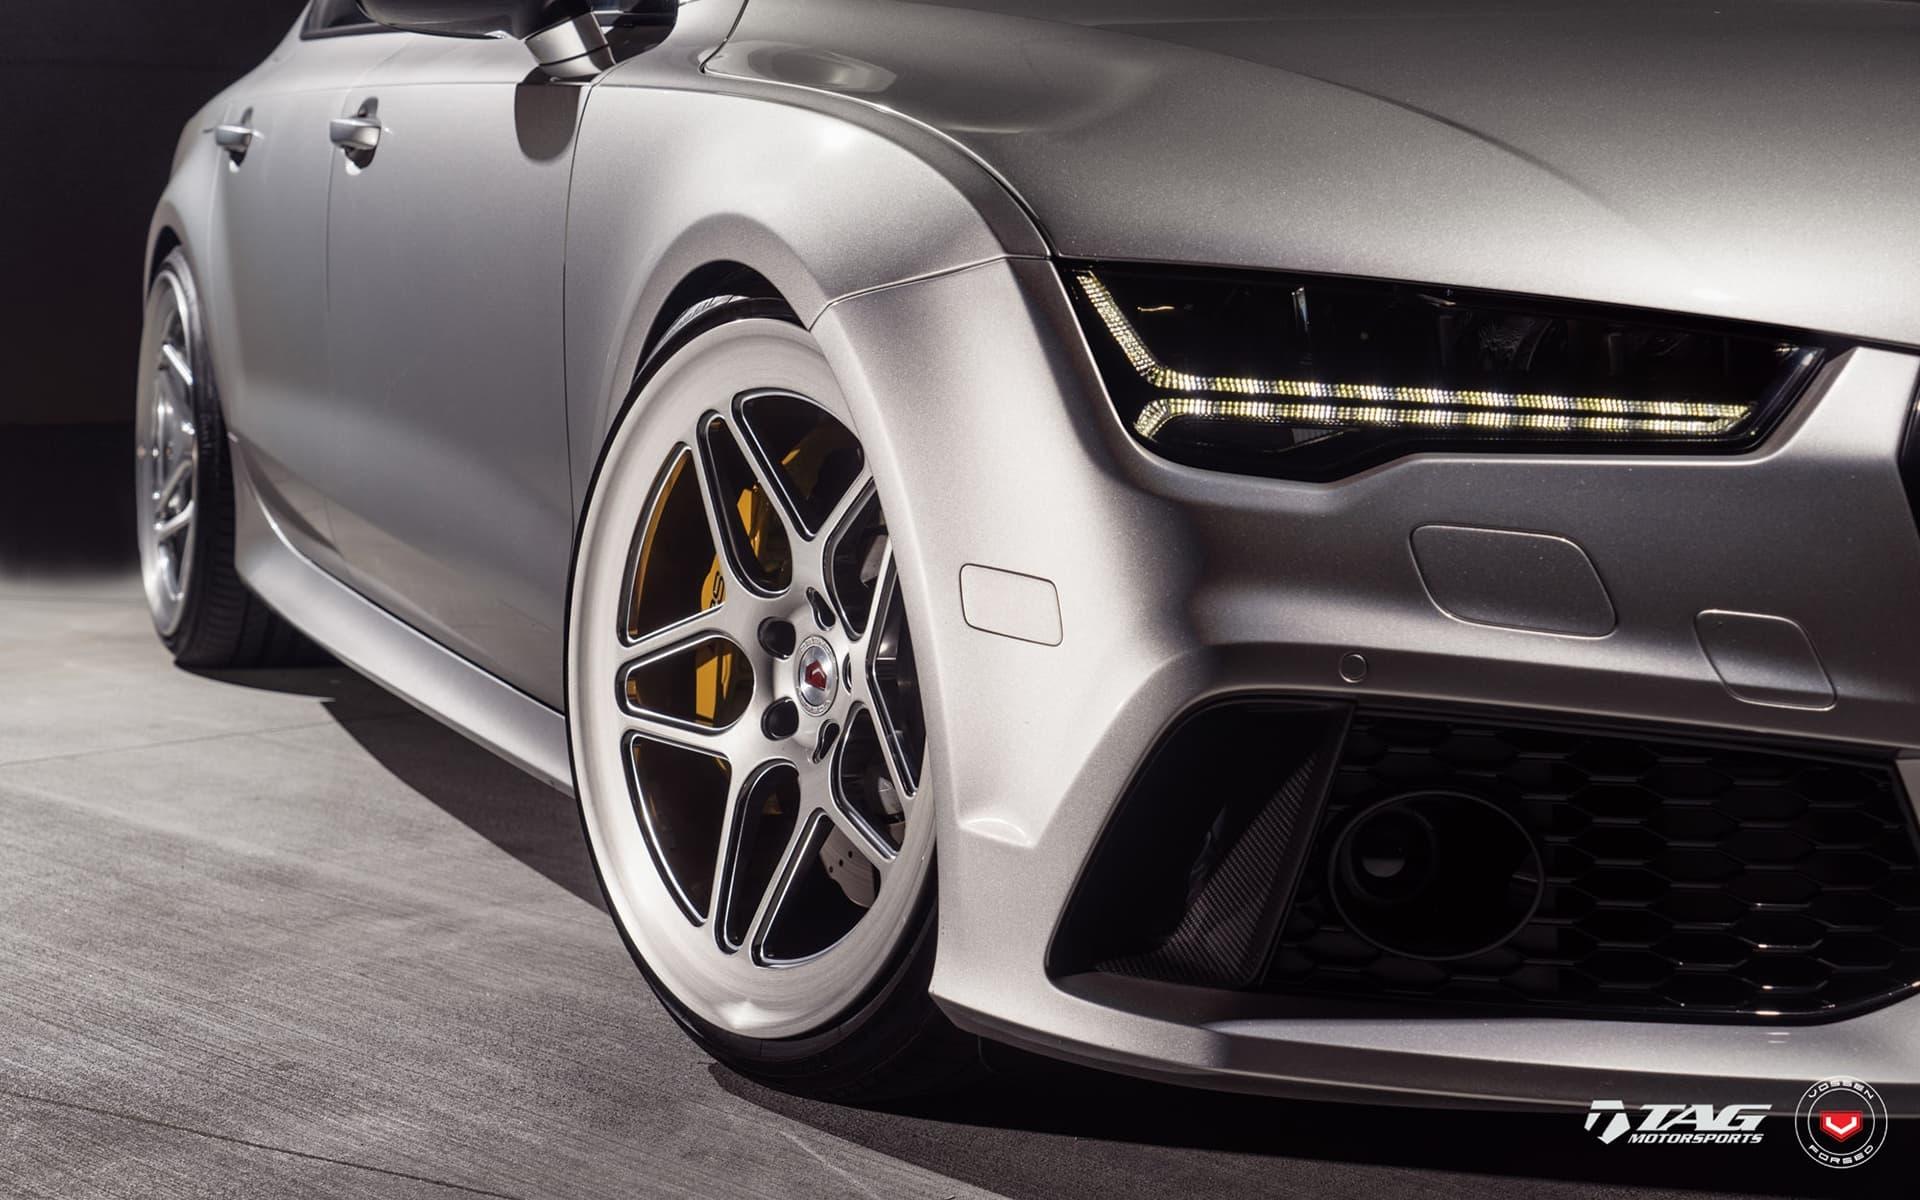 Audi Rs7 0 60 >> Audi RS7 Wallpapers - Wallpaper Cave